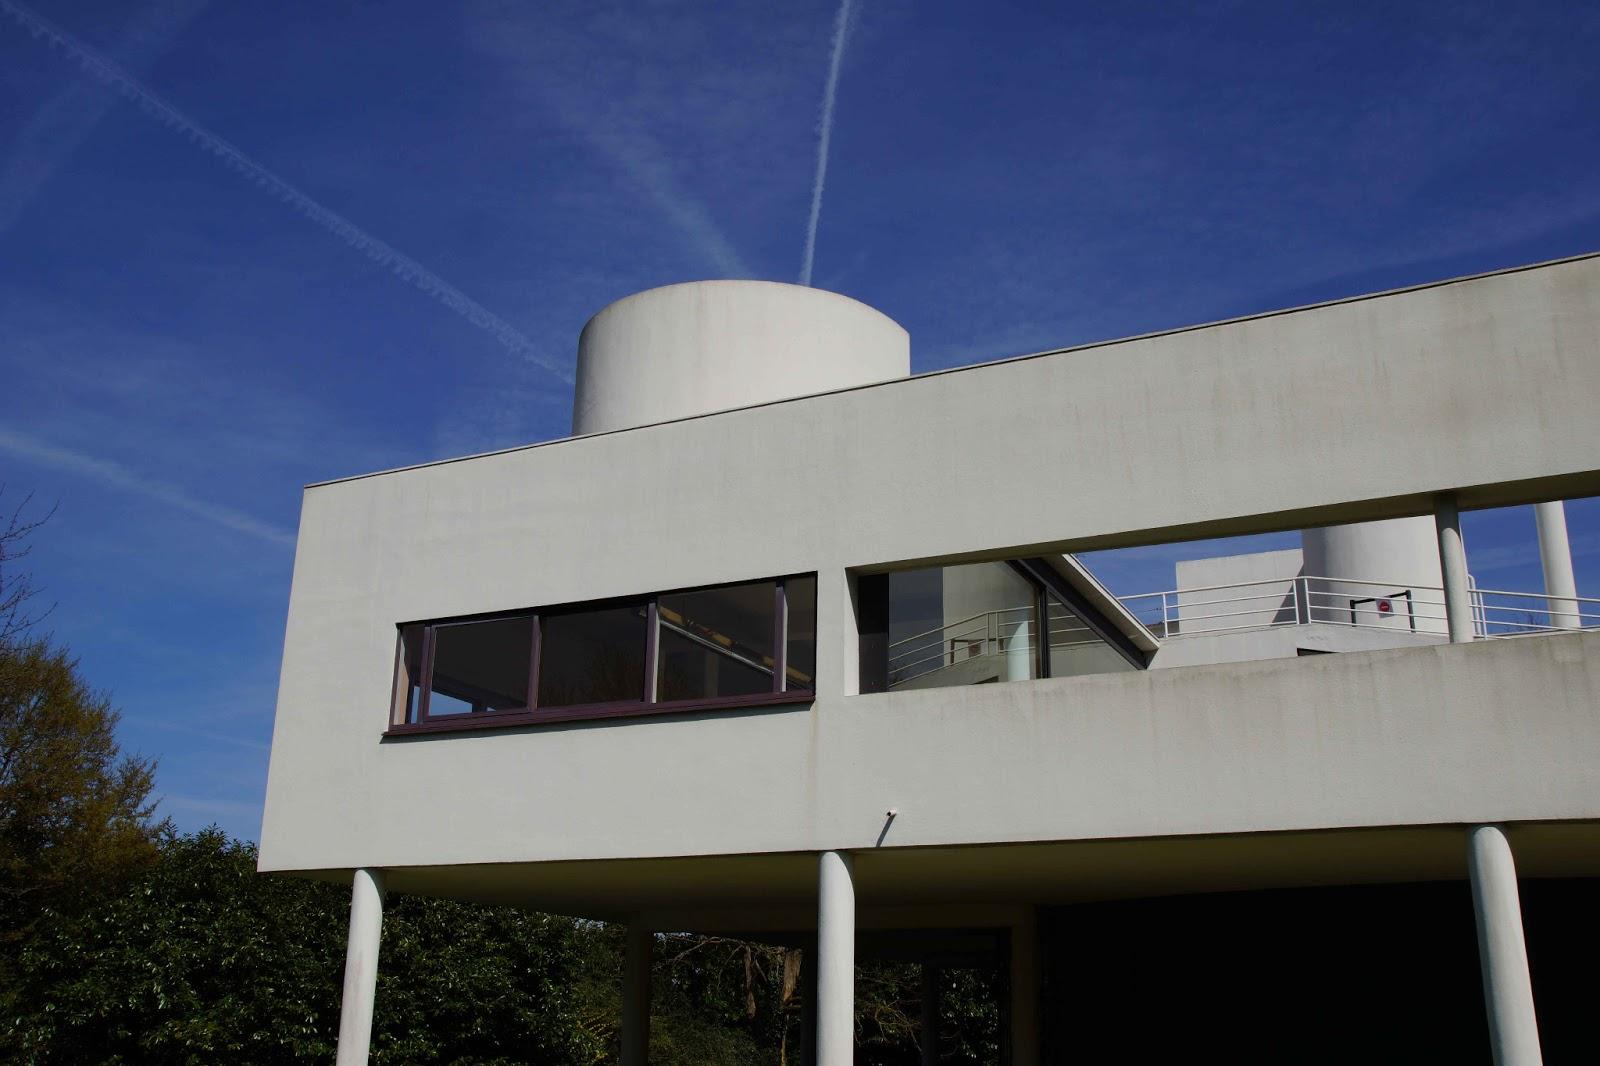 Europe Au Pif Le Corbusier